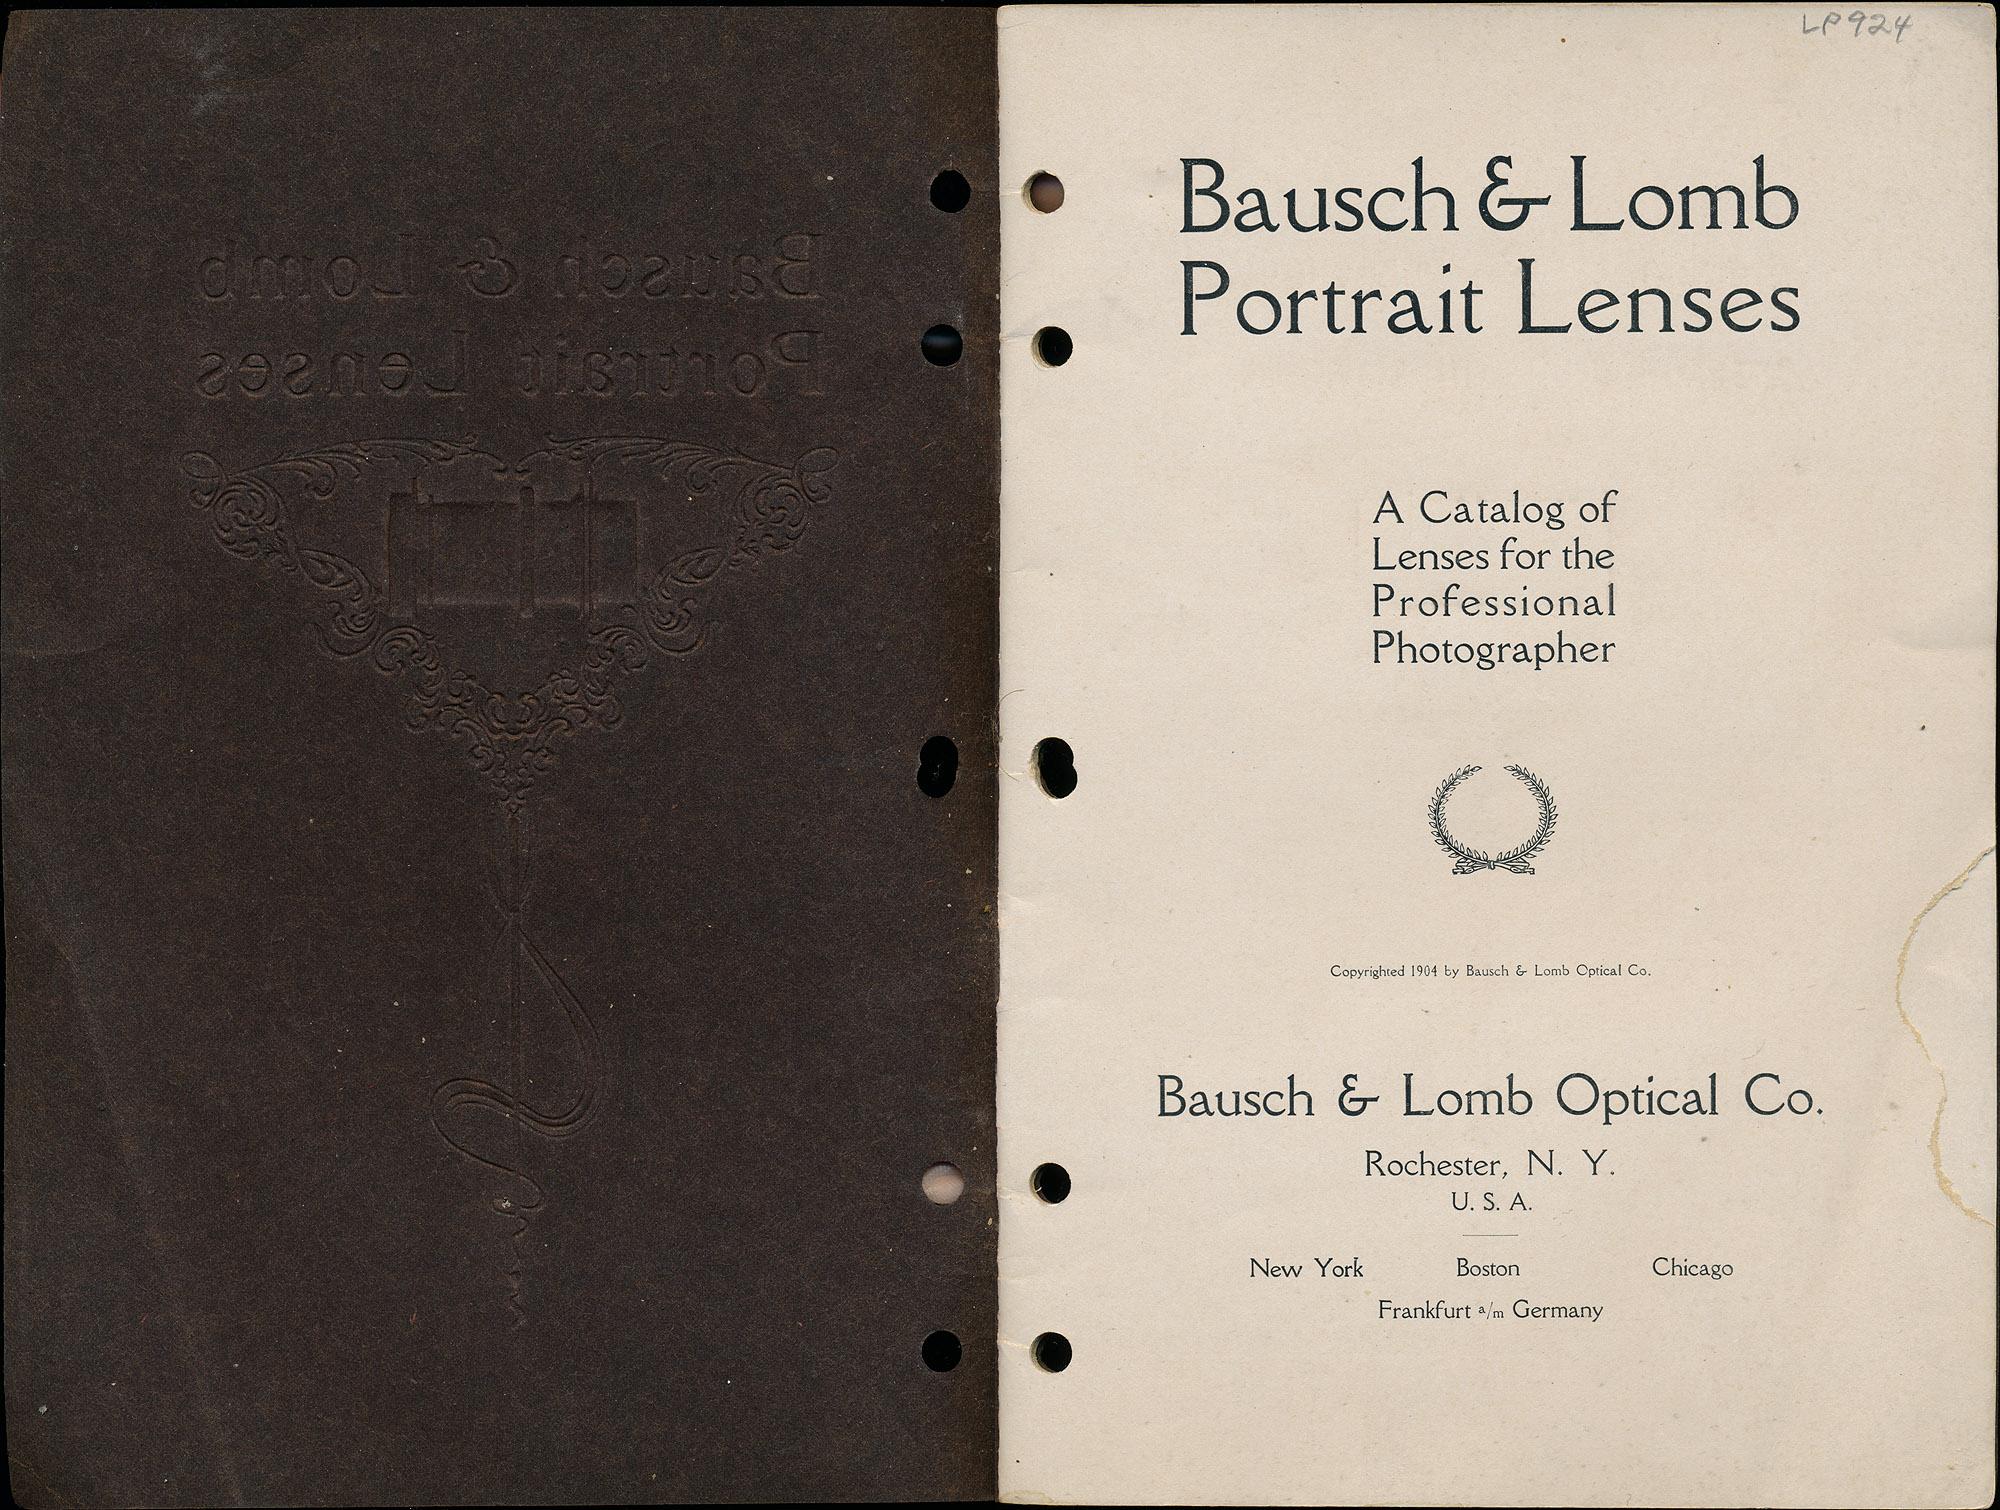 Bausch & Lomb Portrait Lenses, 1912